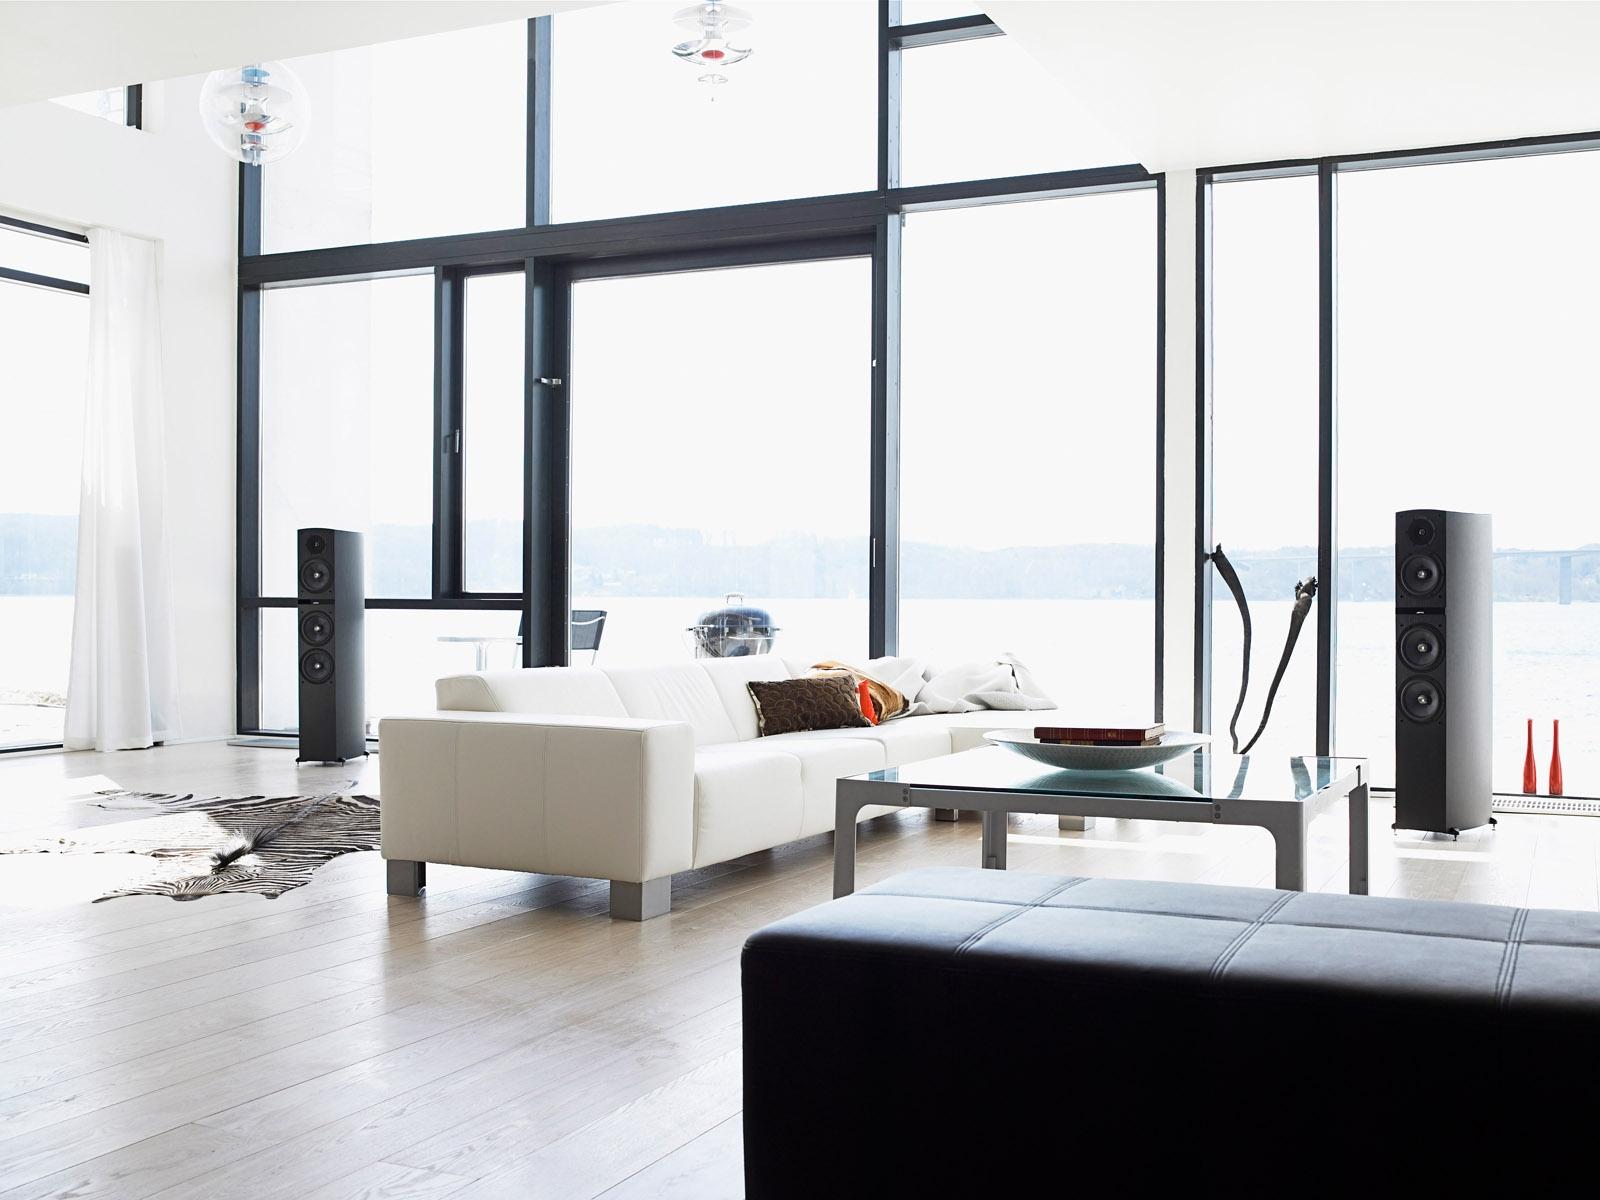 Zimmer Tabelle Büro Innenarchitektur Beleuchtung Entwurf Stock Decke Möbel  Stilvoll Dachboden Wohnzimmer Modernes Design